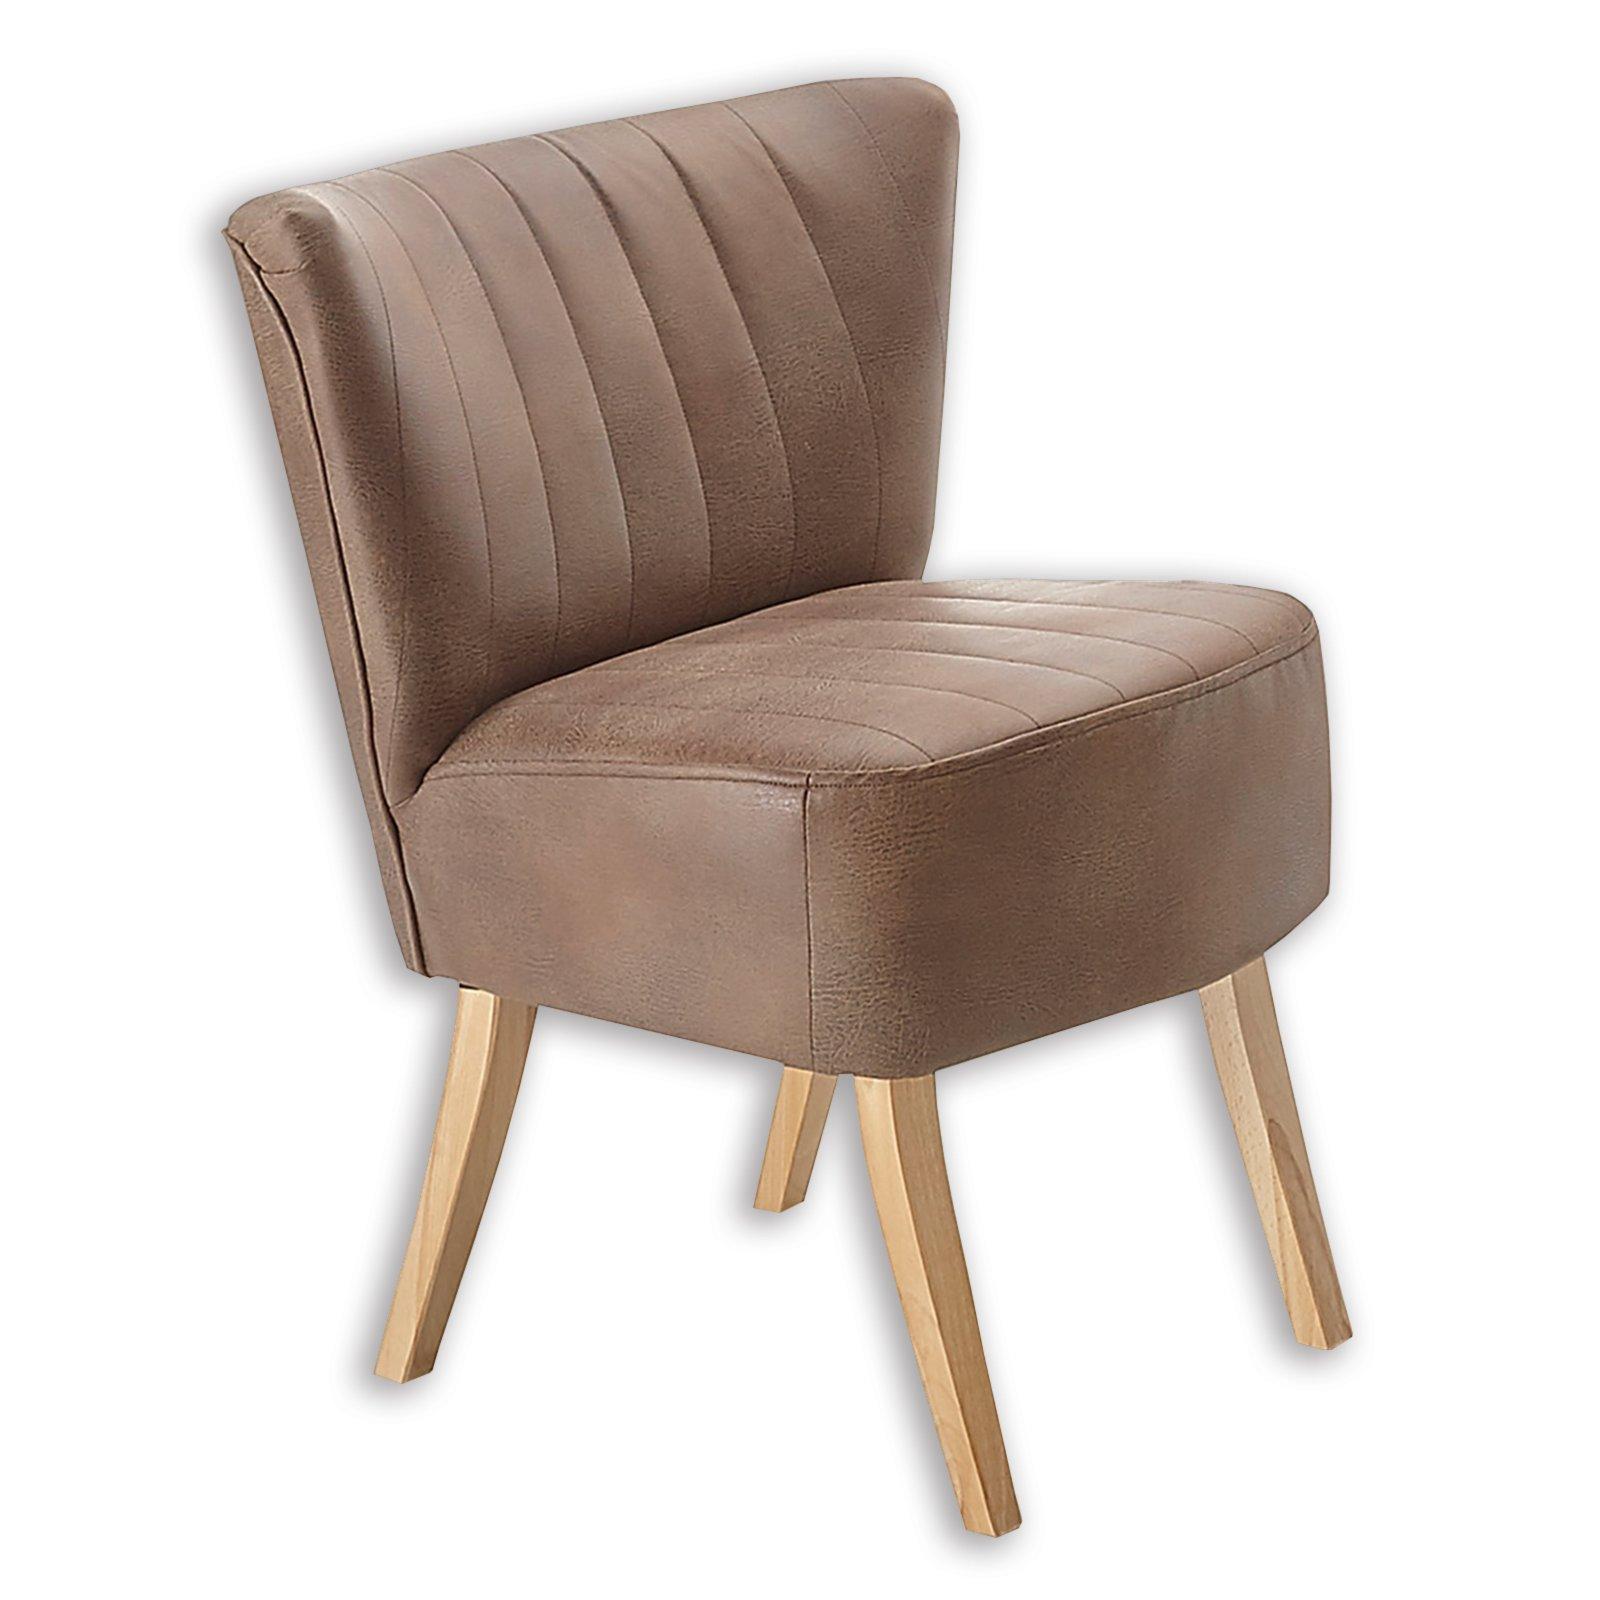 sessel marcel vintage tobago massivholz speisezimmer. Black Bedroom Furniture Sets. Home Design Ideas